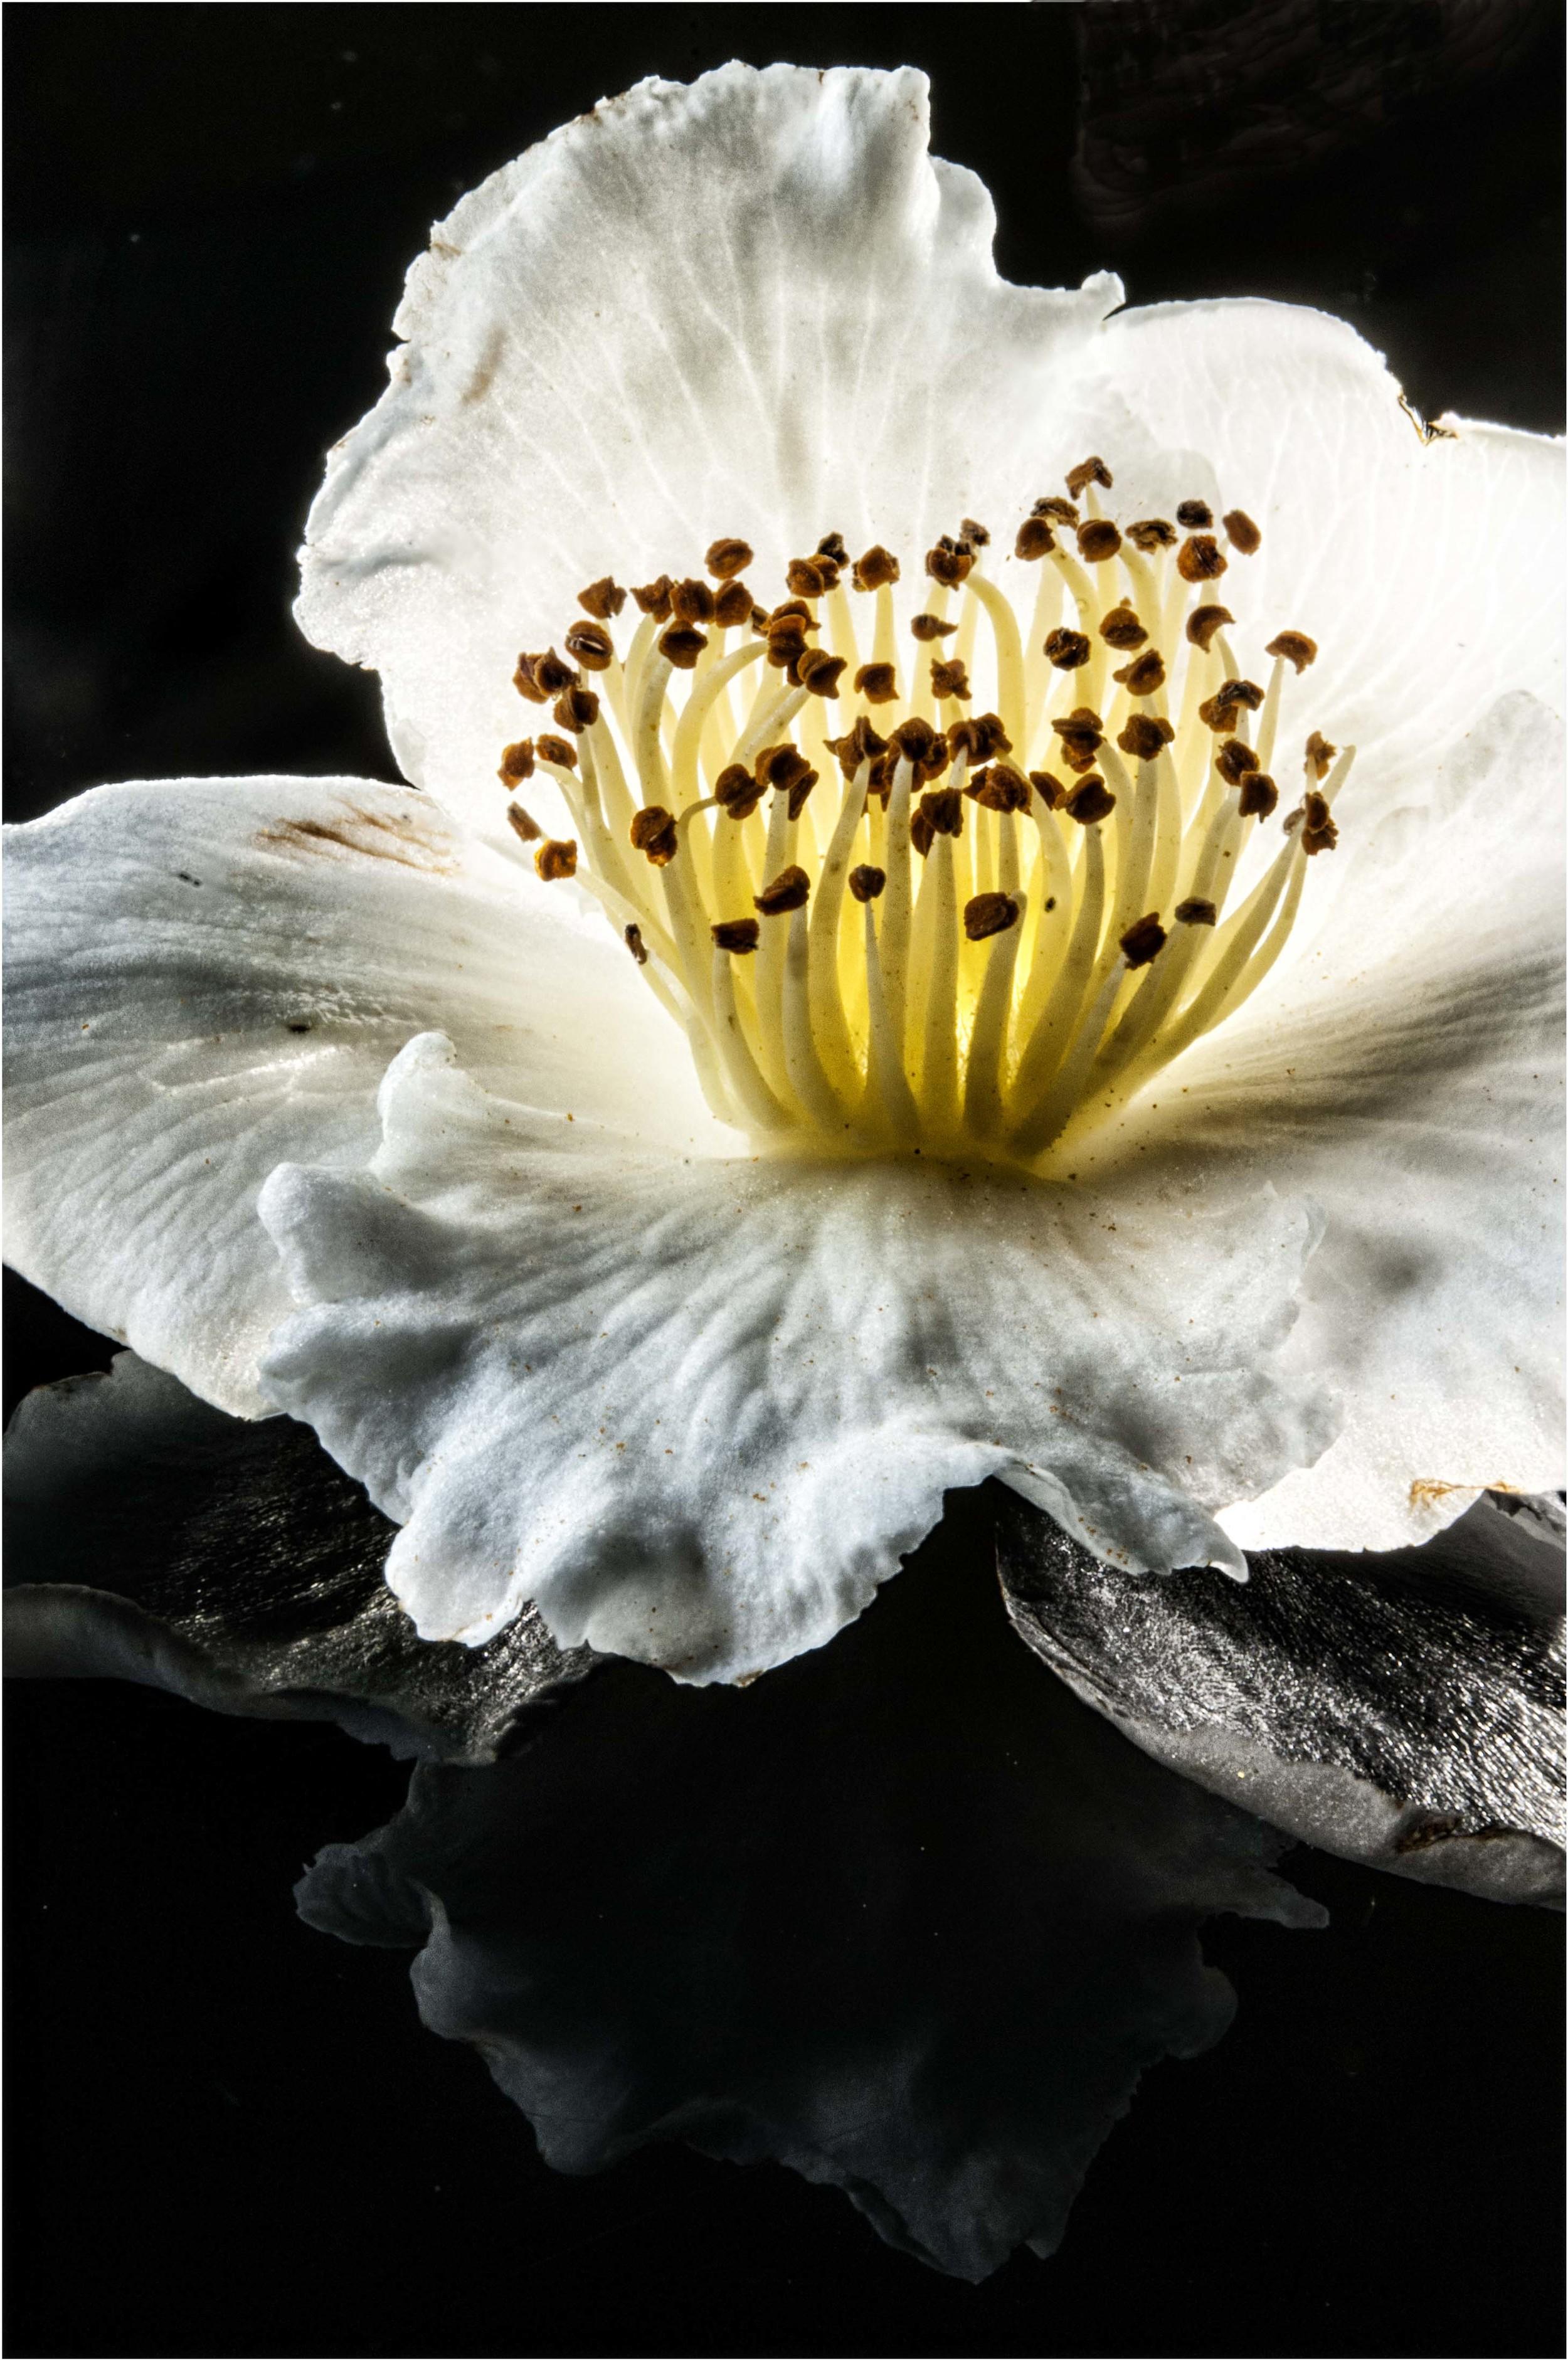 Fallen flower on black plexi